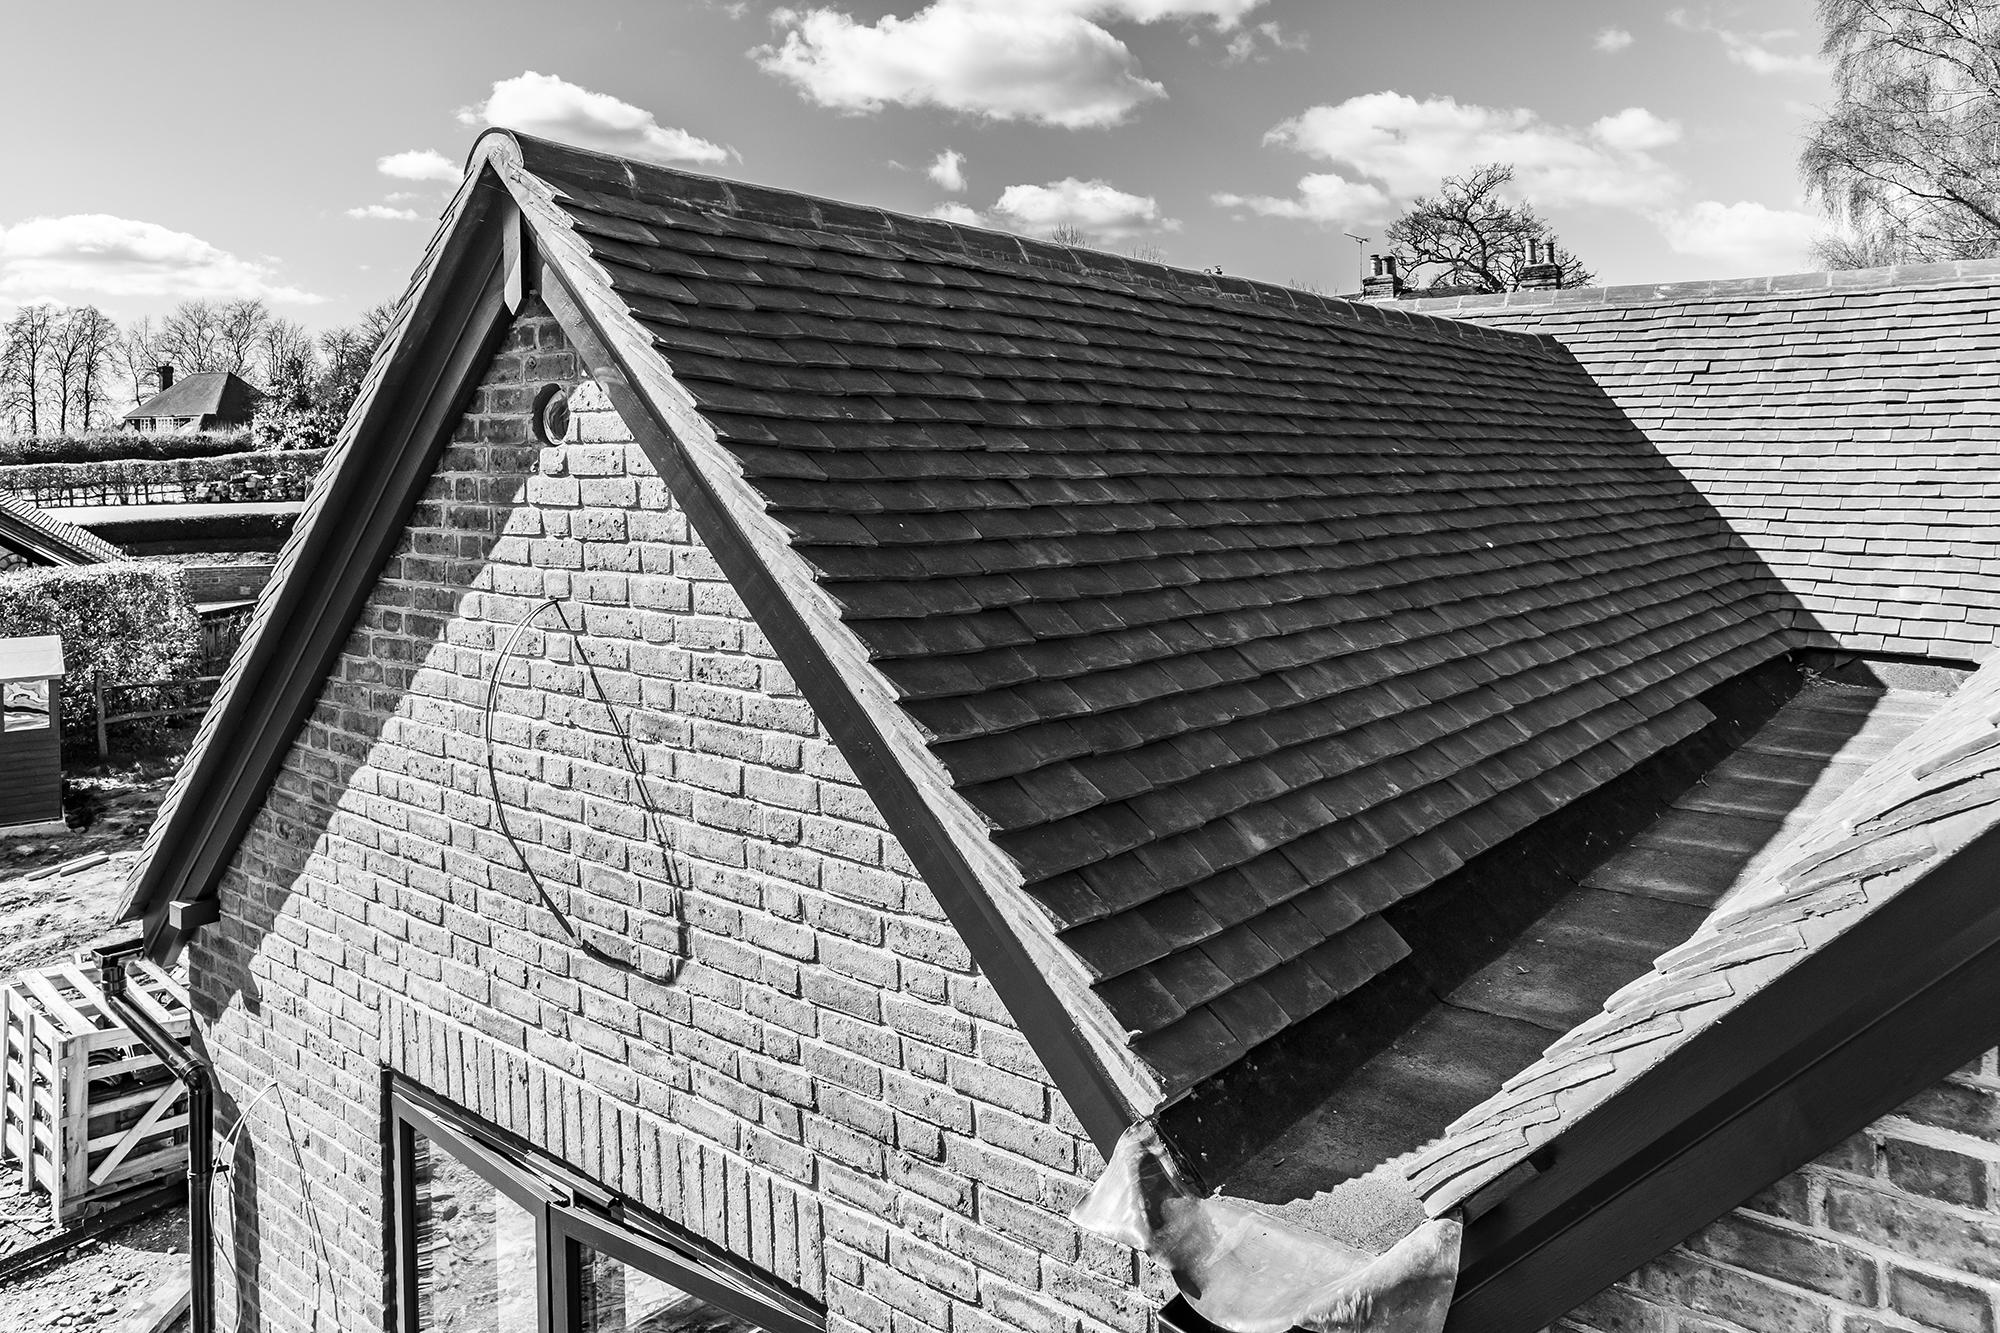 Hamsland_Construction2__29.jpg